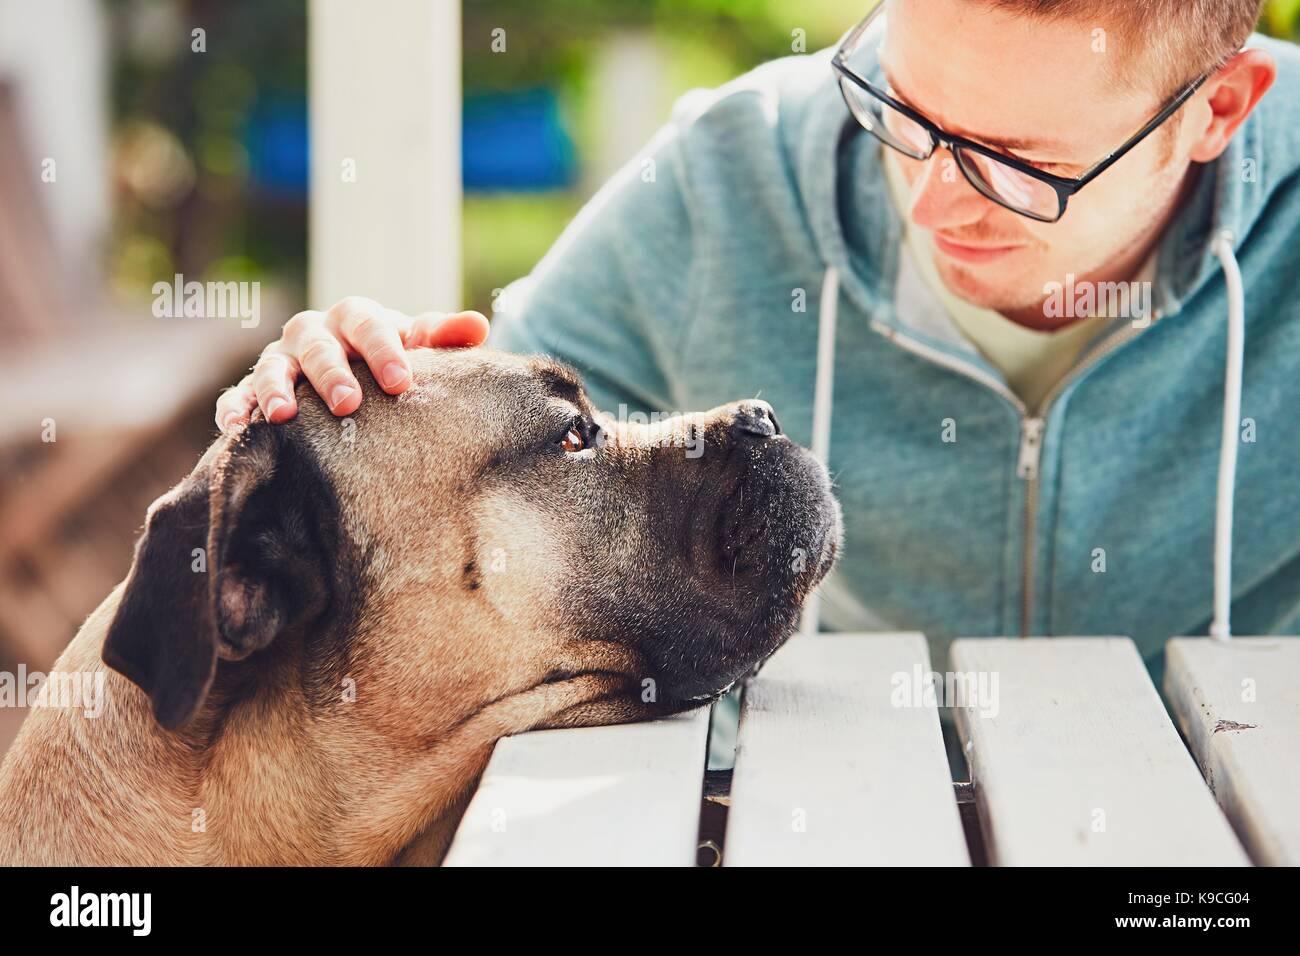 Dedicó gran aspecto del perro. La amistad entre el hombre y el perro corso de caña. Imagen De Stock